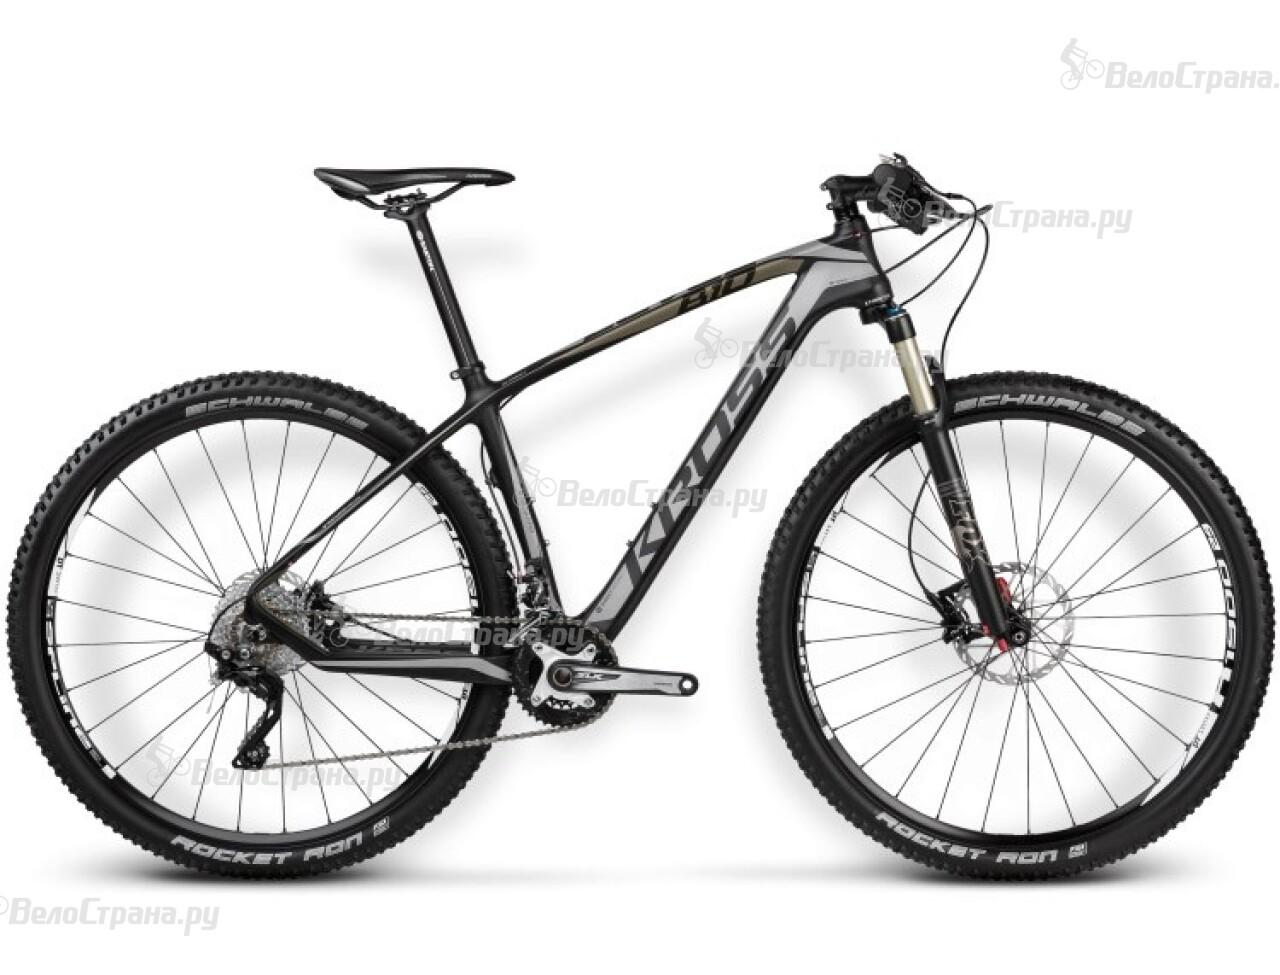 Велосипед Kross Level B10 (2015) велосипед kross level b7 2015